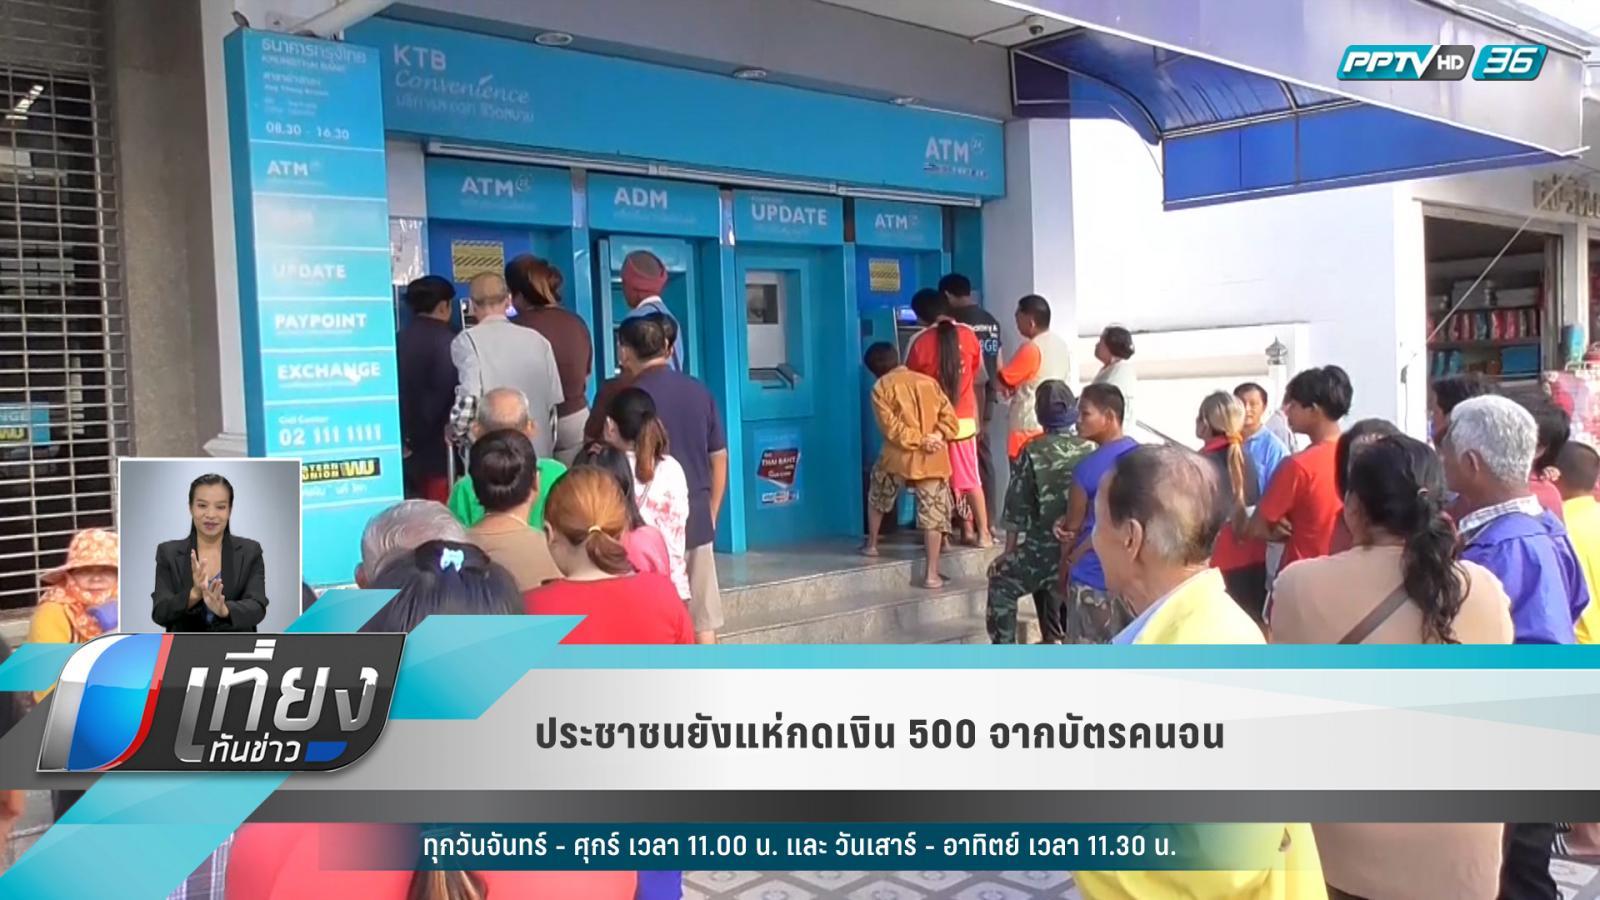 ประชาชนยังแห่กดเงิน 500 จากบัตรคนจน